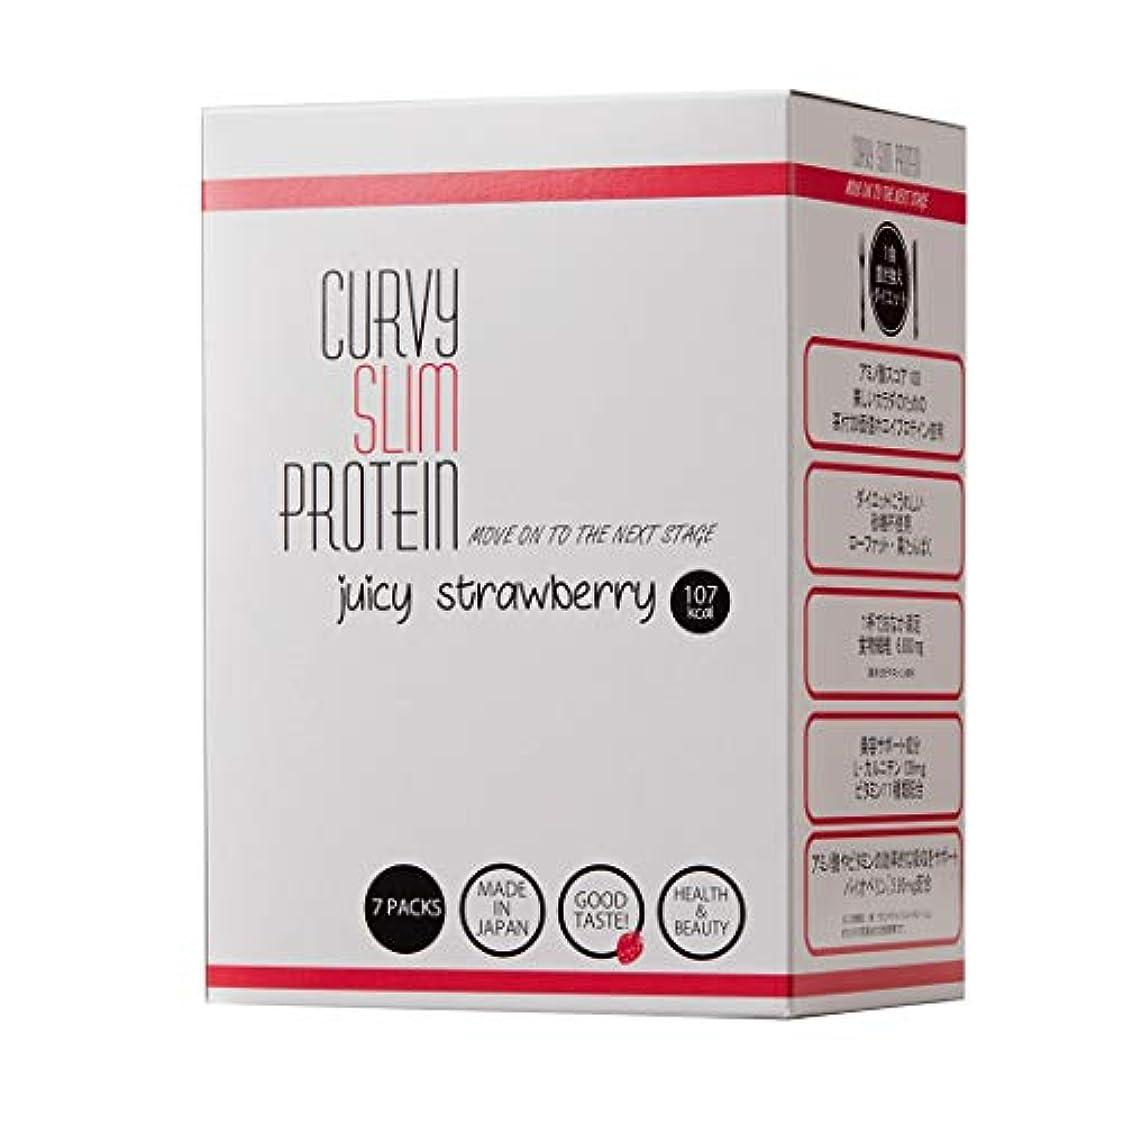 それからフィールドペーストカーヴィースリム® プロテイン ジューシーストロベリー 置き換え ダイエット 7包(7食分)